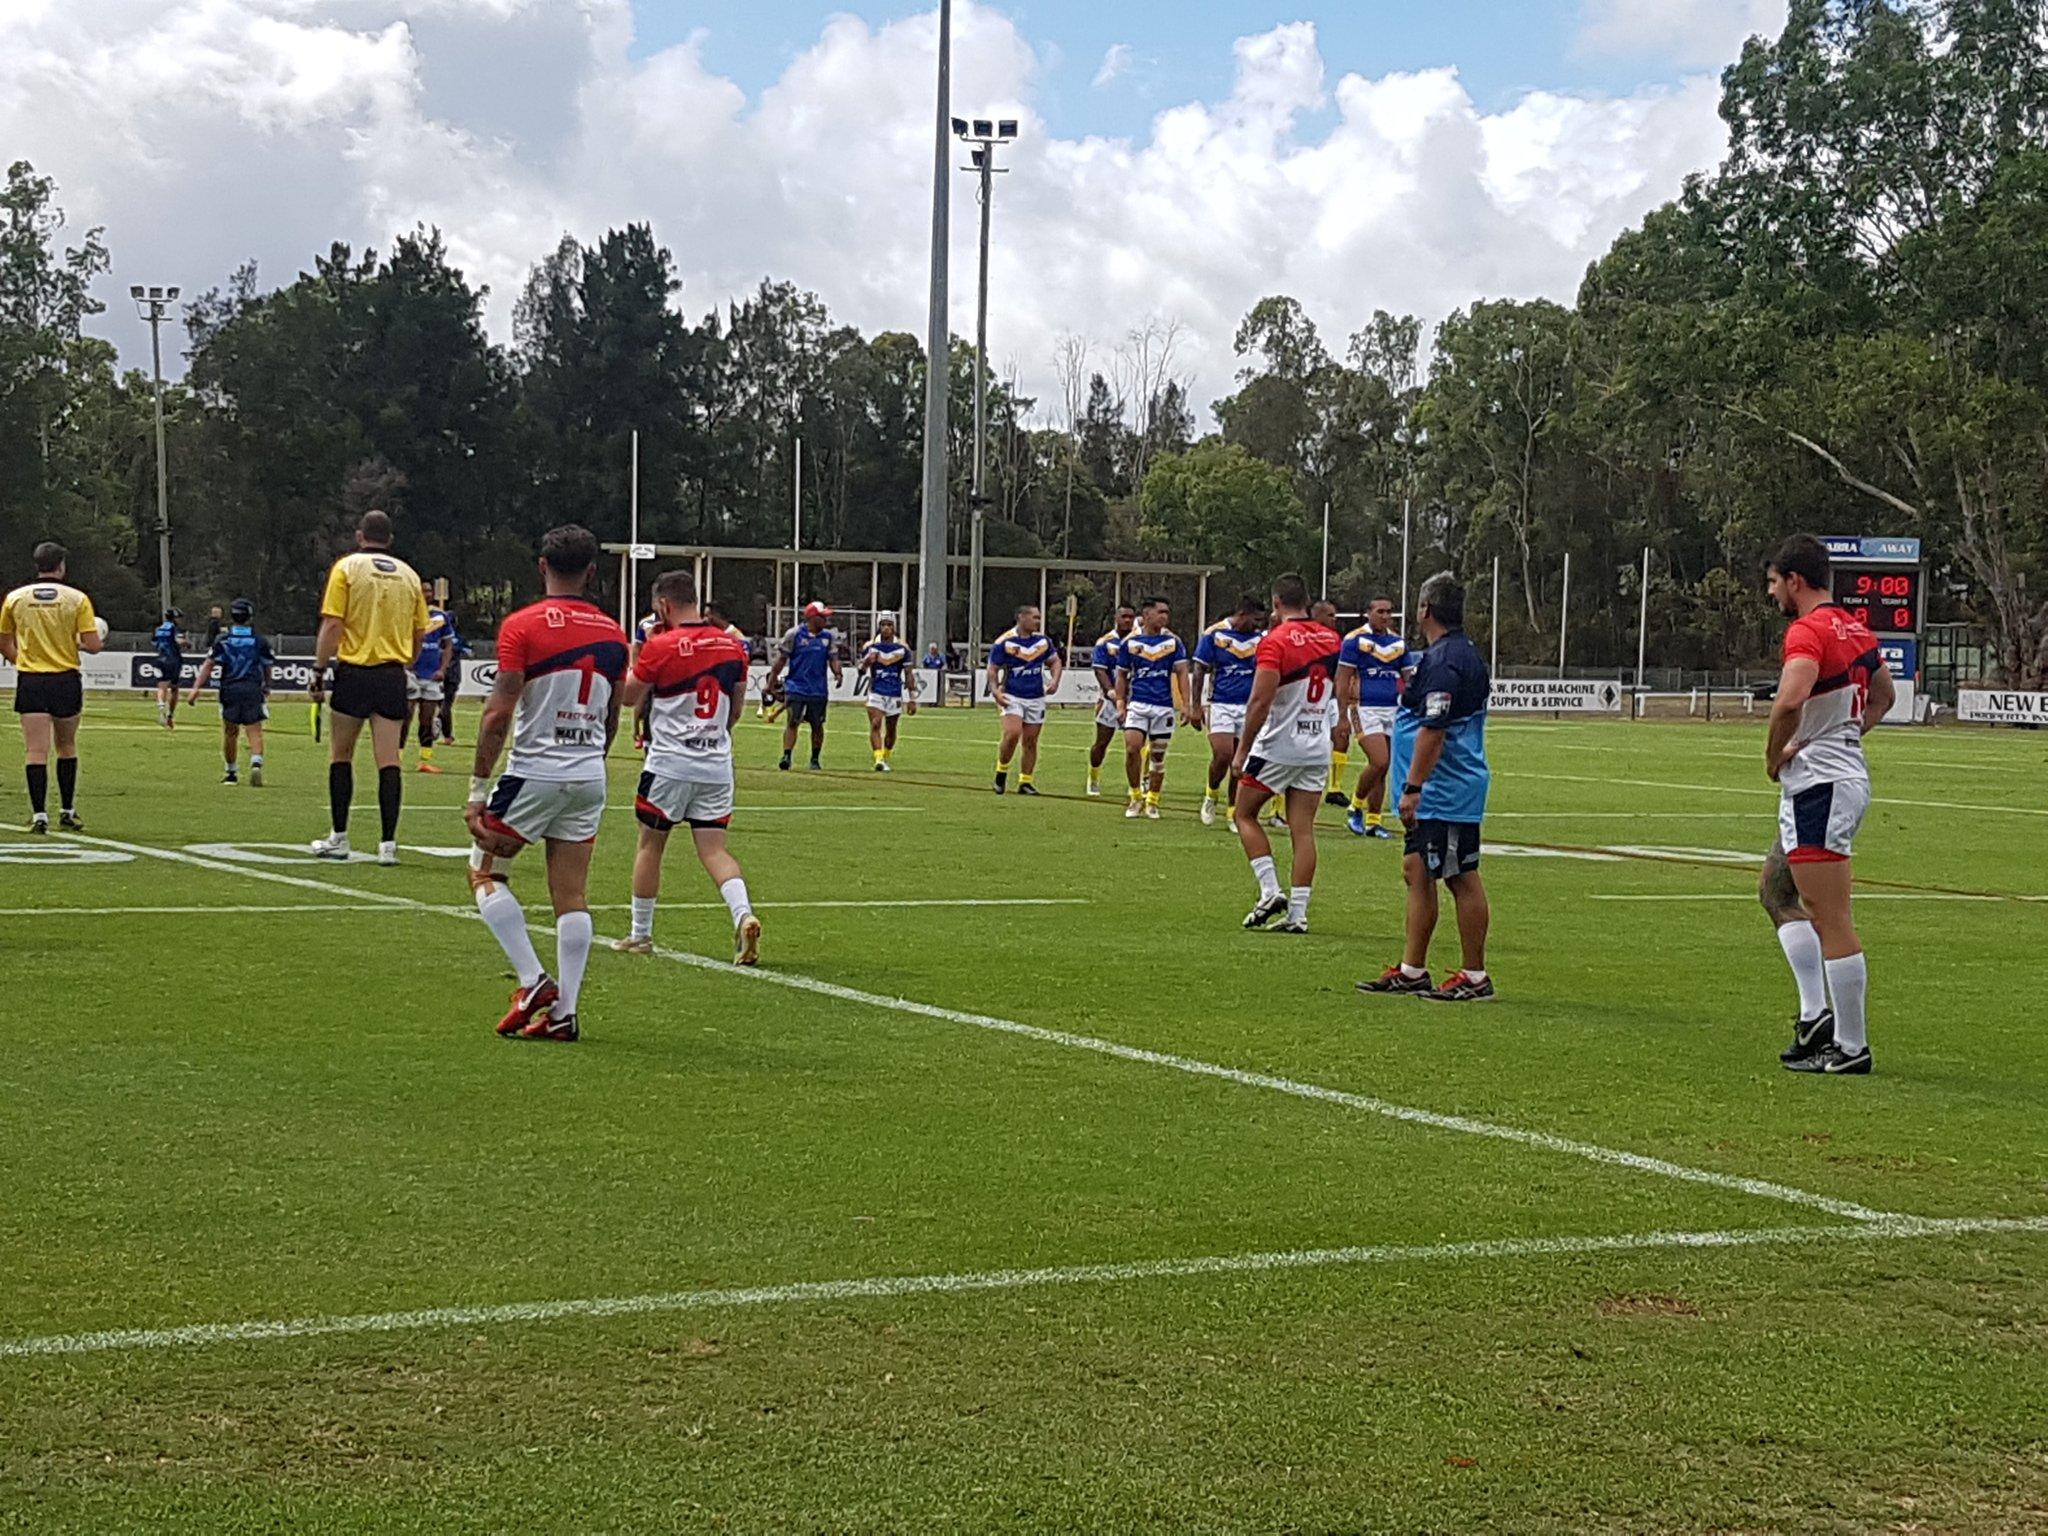 Cabramatta International Nines Results